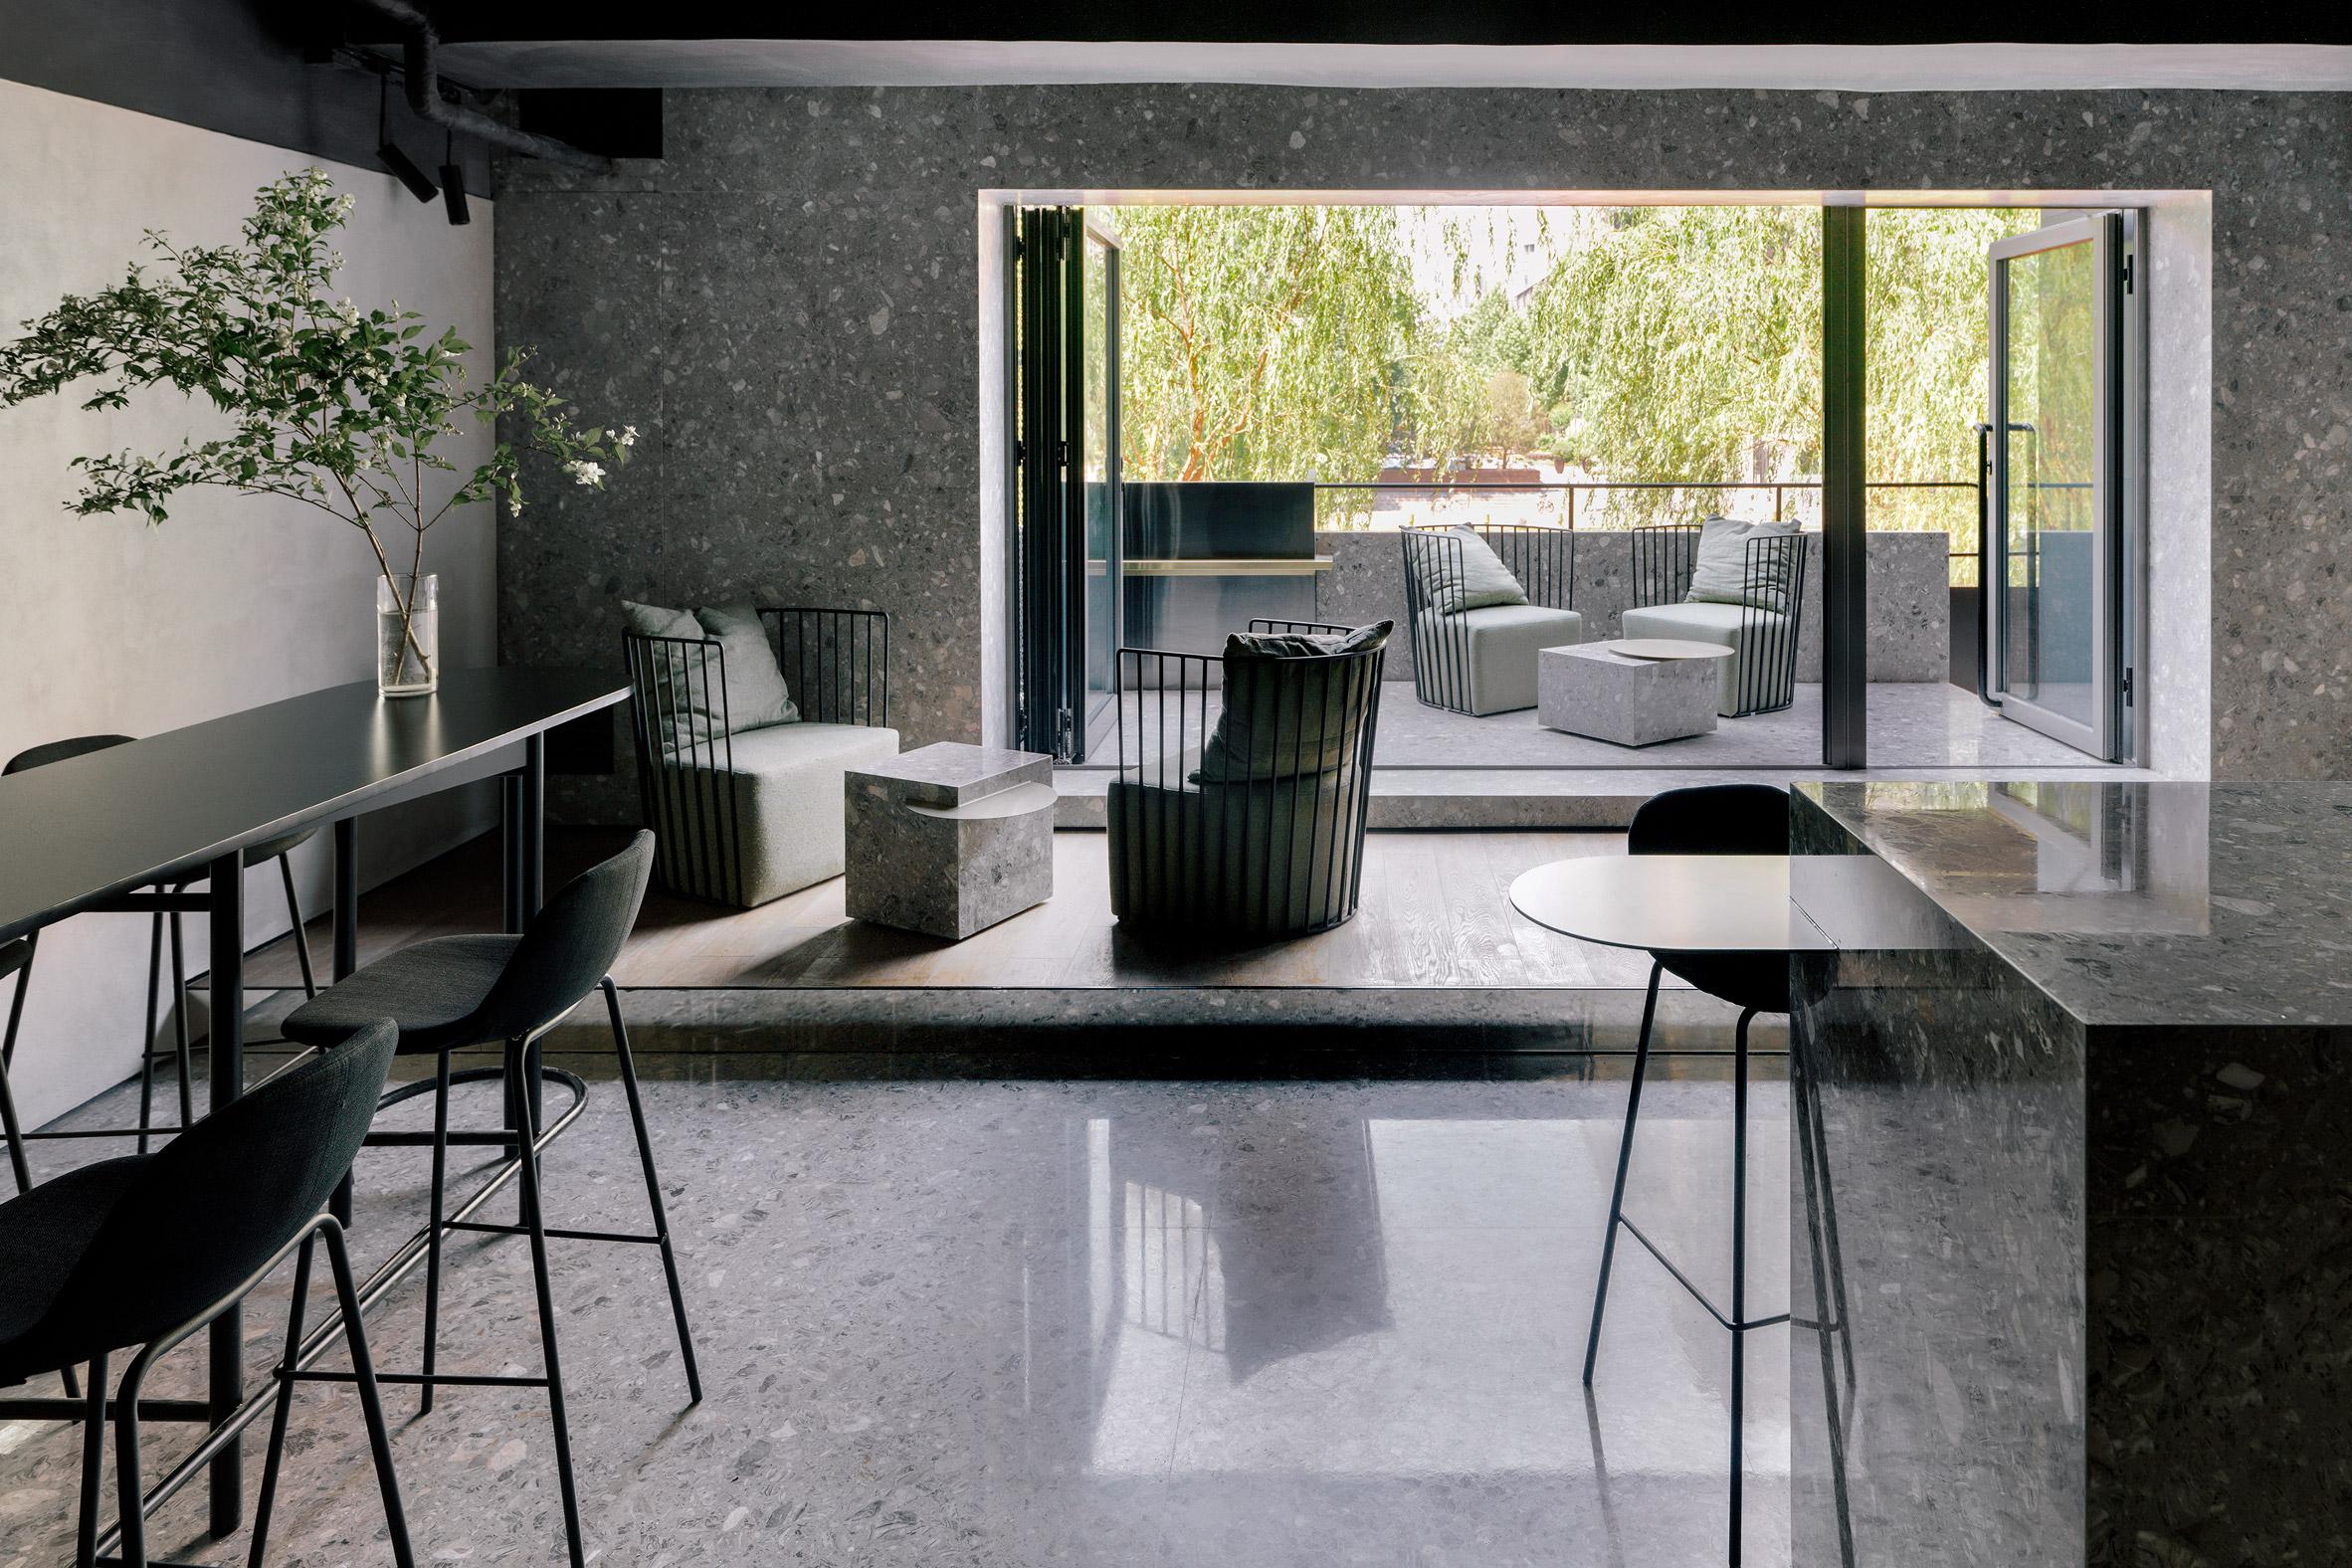 lievito-mddm-studio-interiors-restaurants-beijing-china_dezeen_2364_col_6